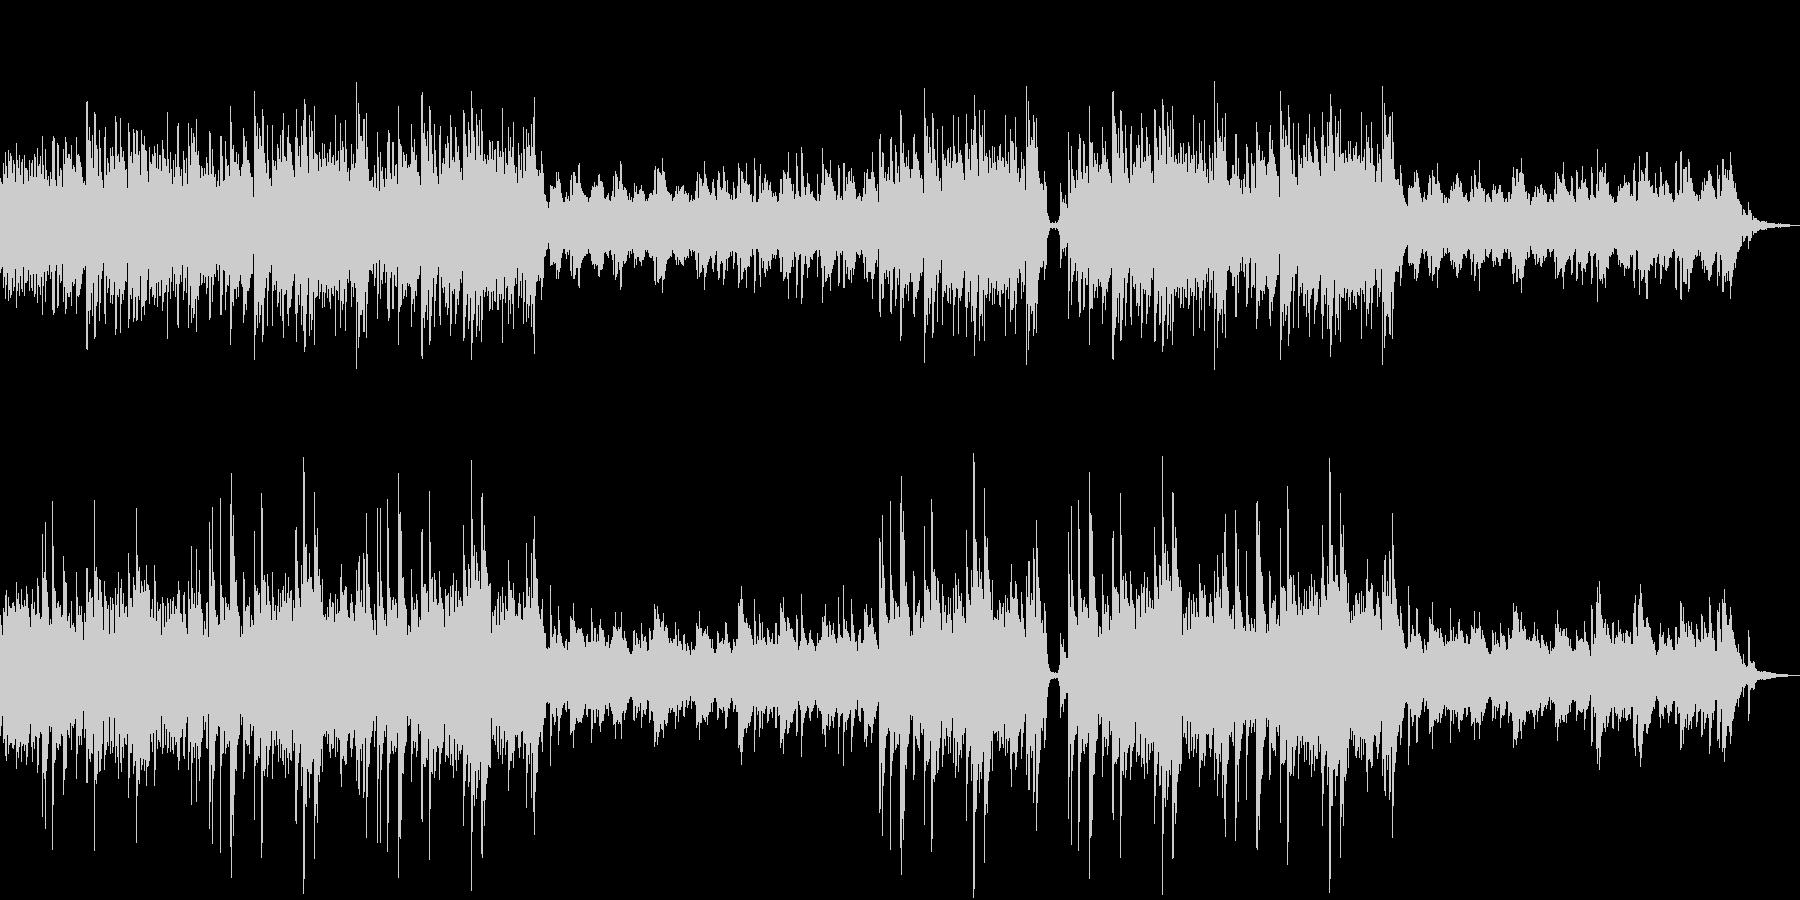 ピアノと弦楽器の静かなエレクトロニカの未再生の波形